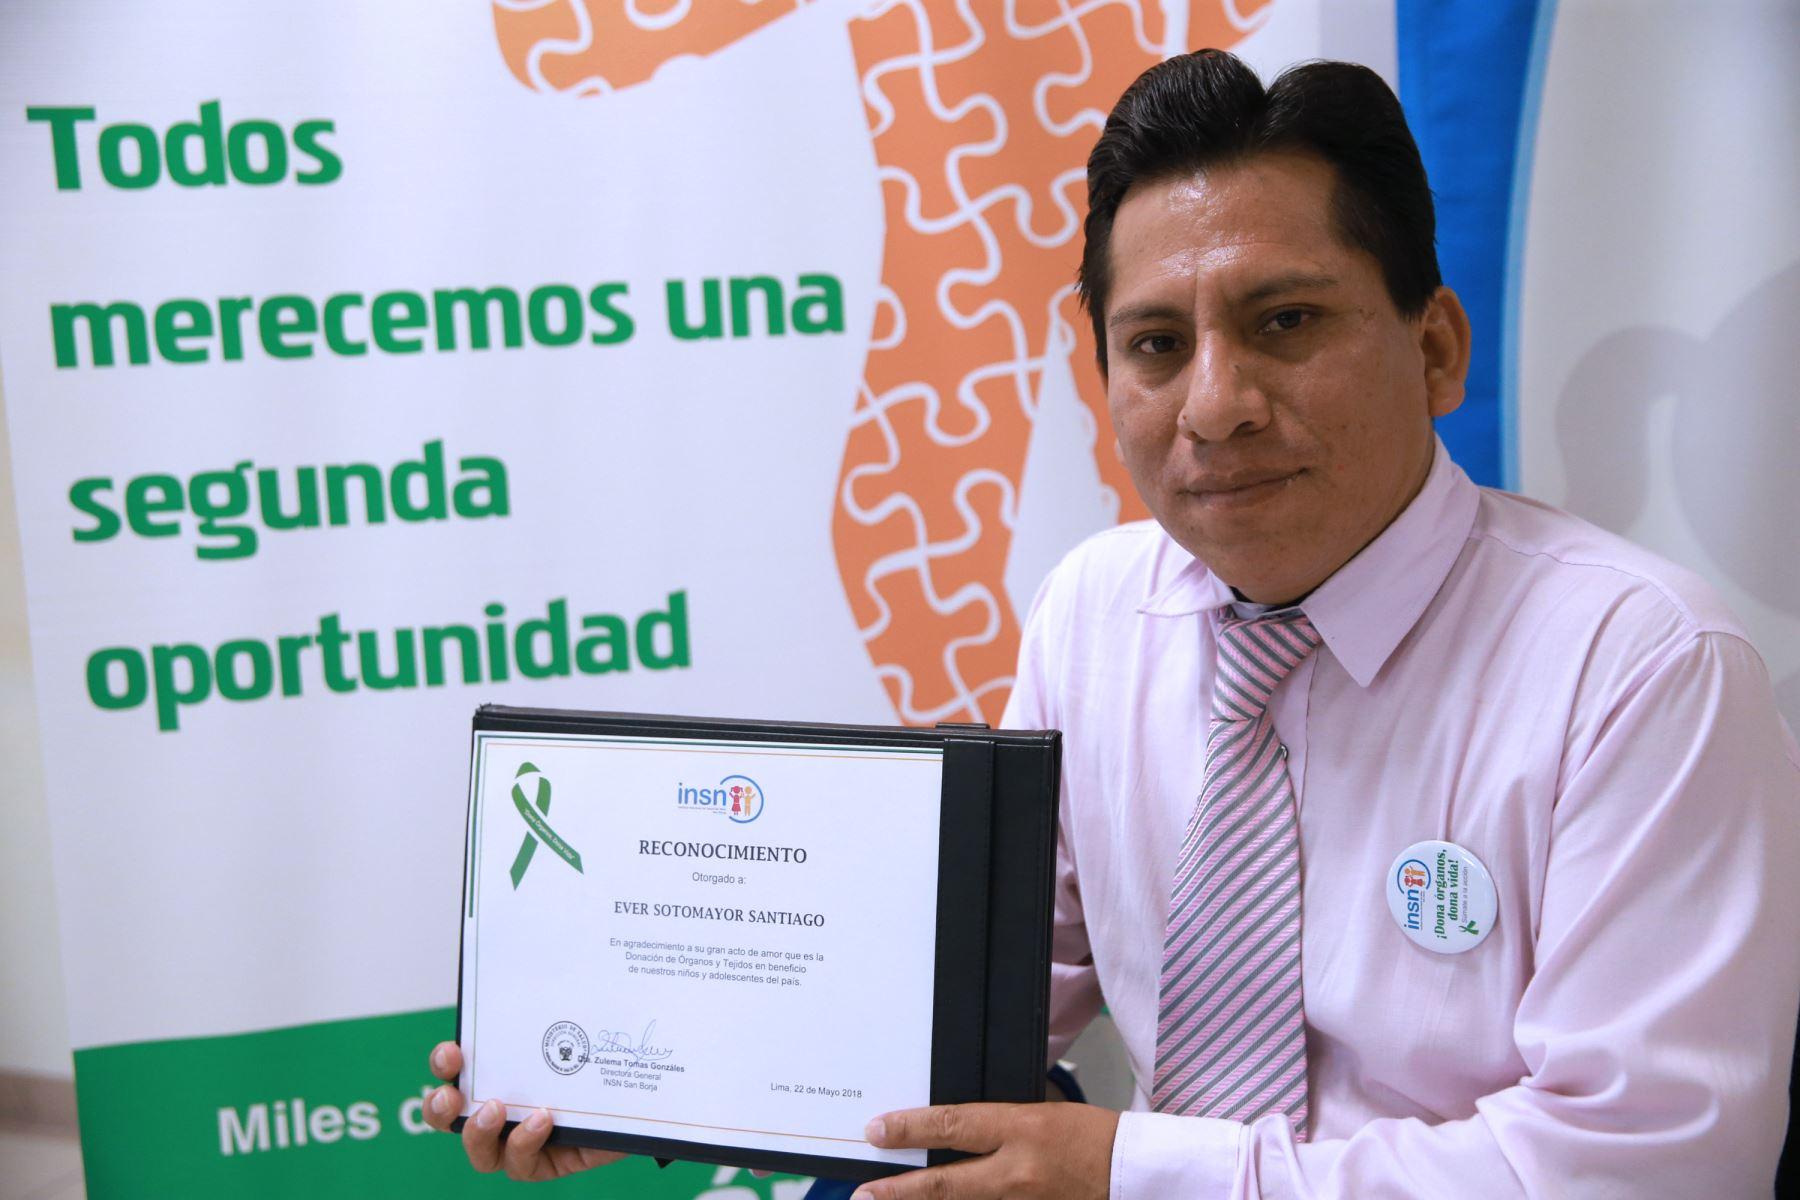 Ever Sotomayor Santiago salvó la vida de tres niños al aceptar donar los órganos de su niña.  .Foto: ANDINA/Norman Córdova